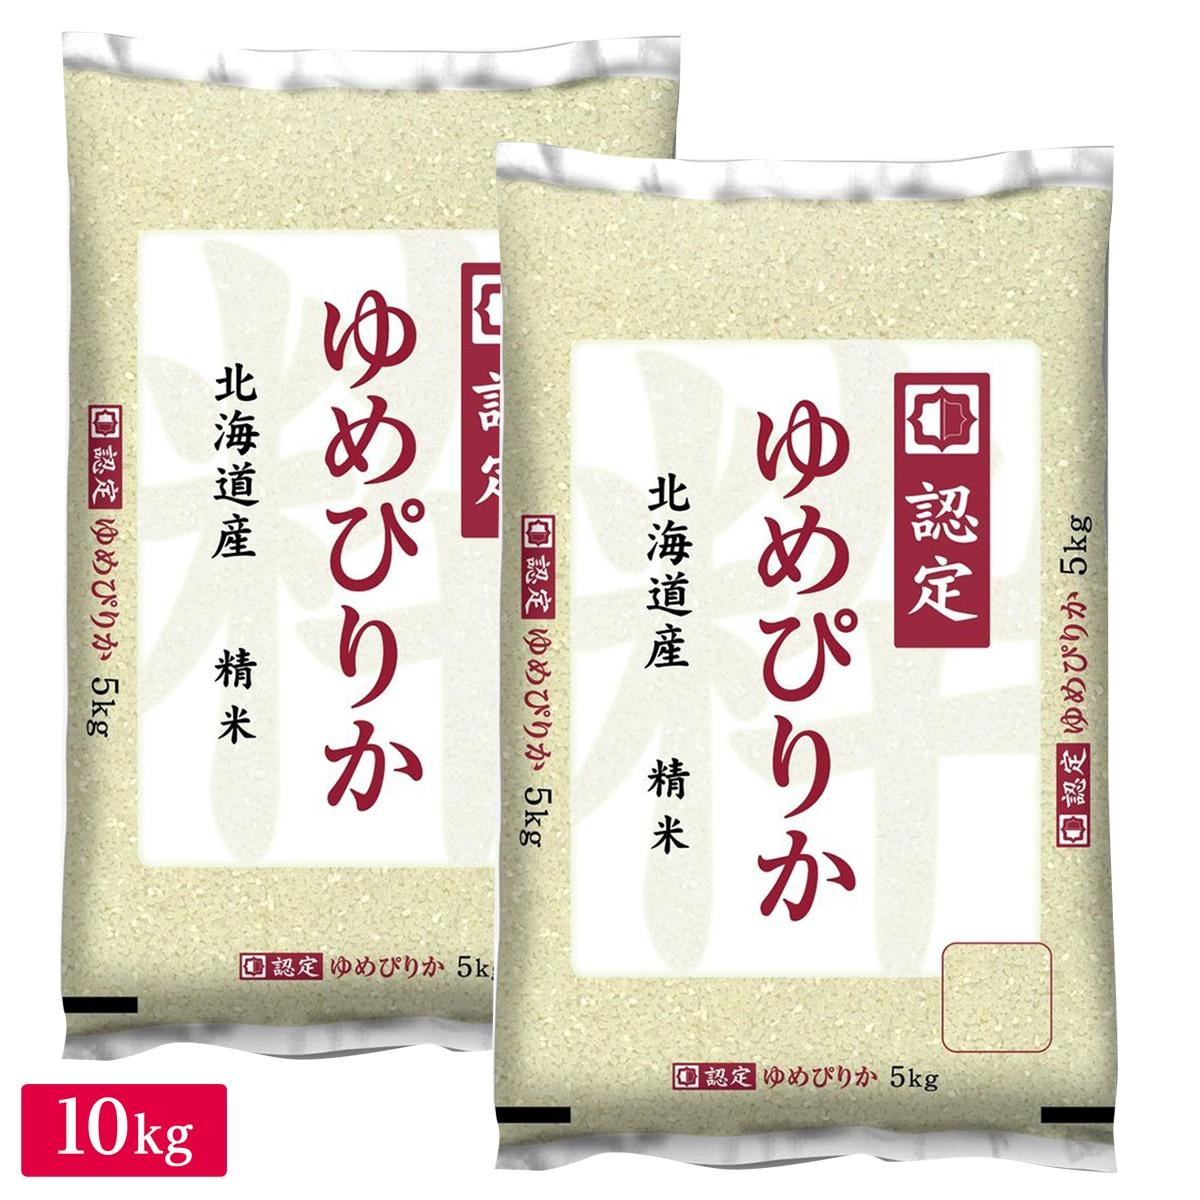 ■【精米】新米 令和2年産 北海道産 ゆめぴりか 10kg(5kg×2袋)